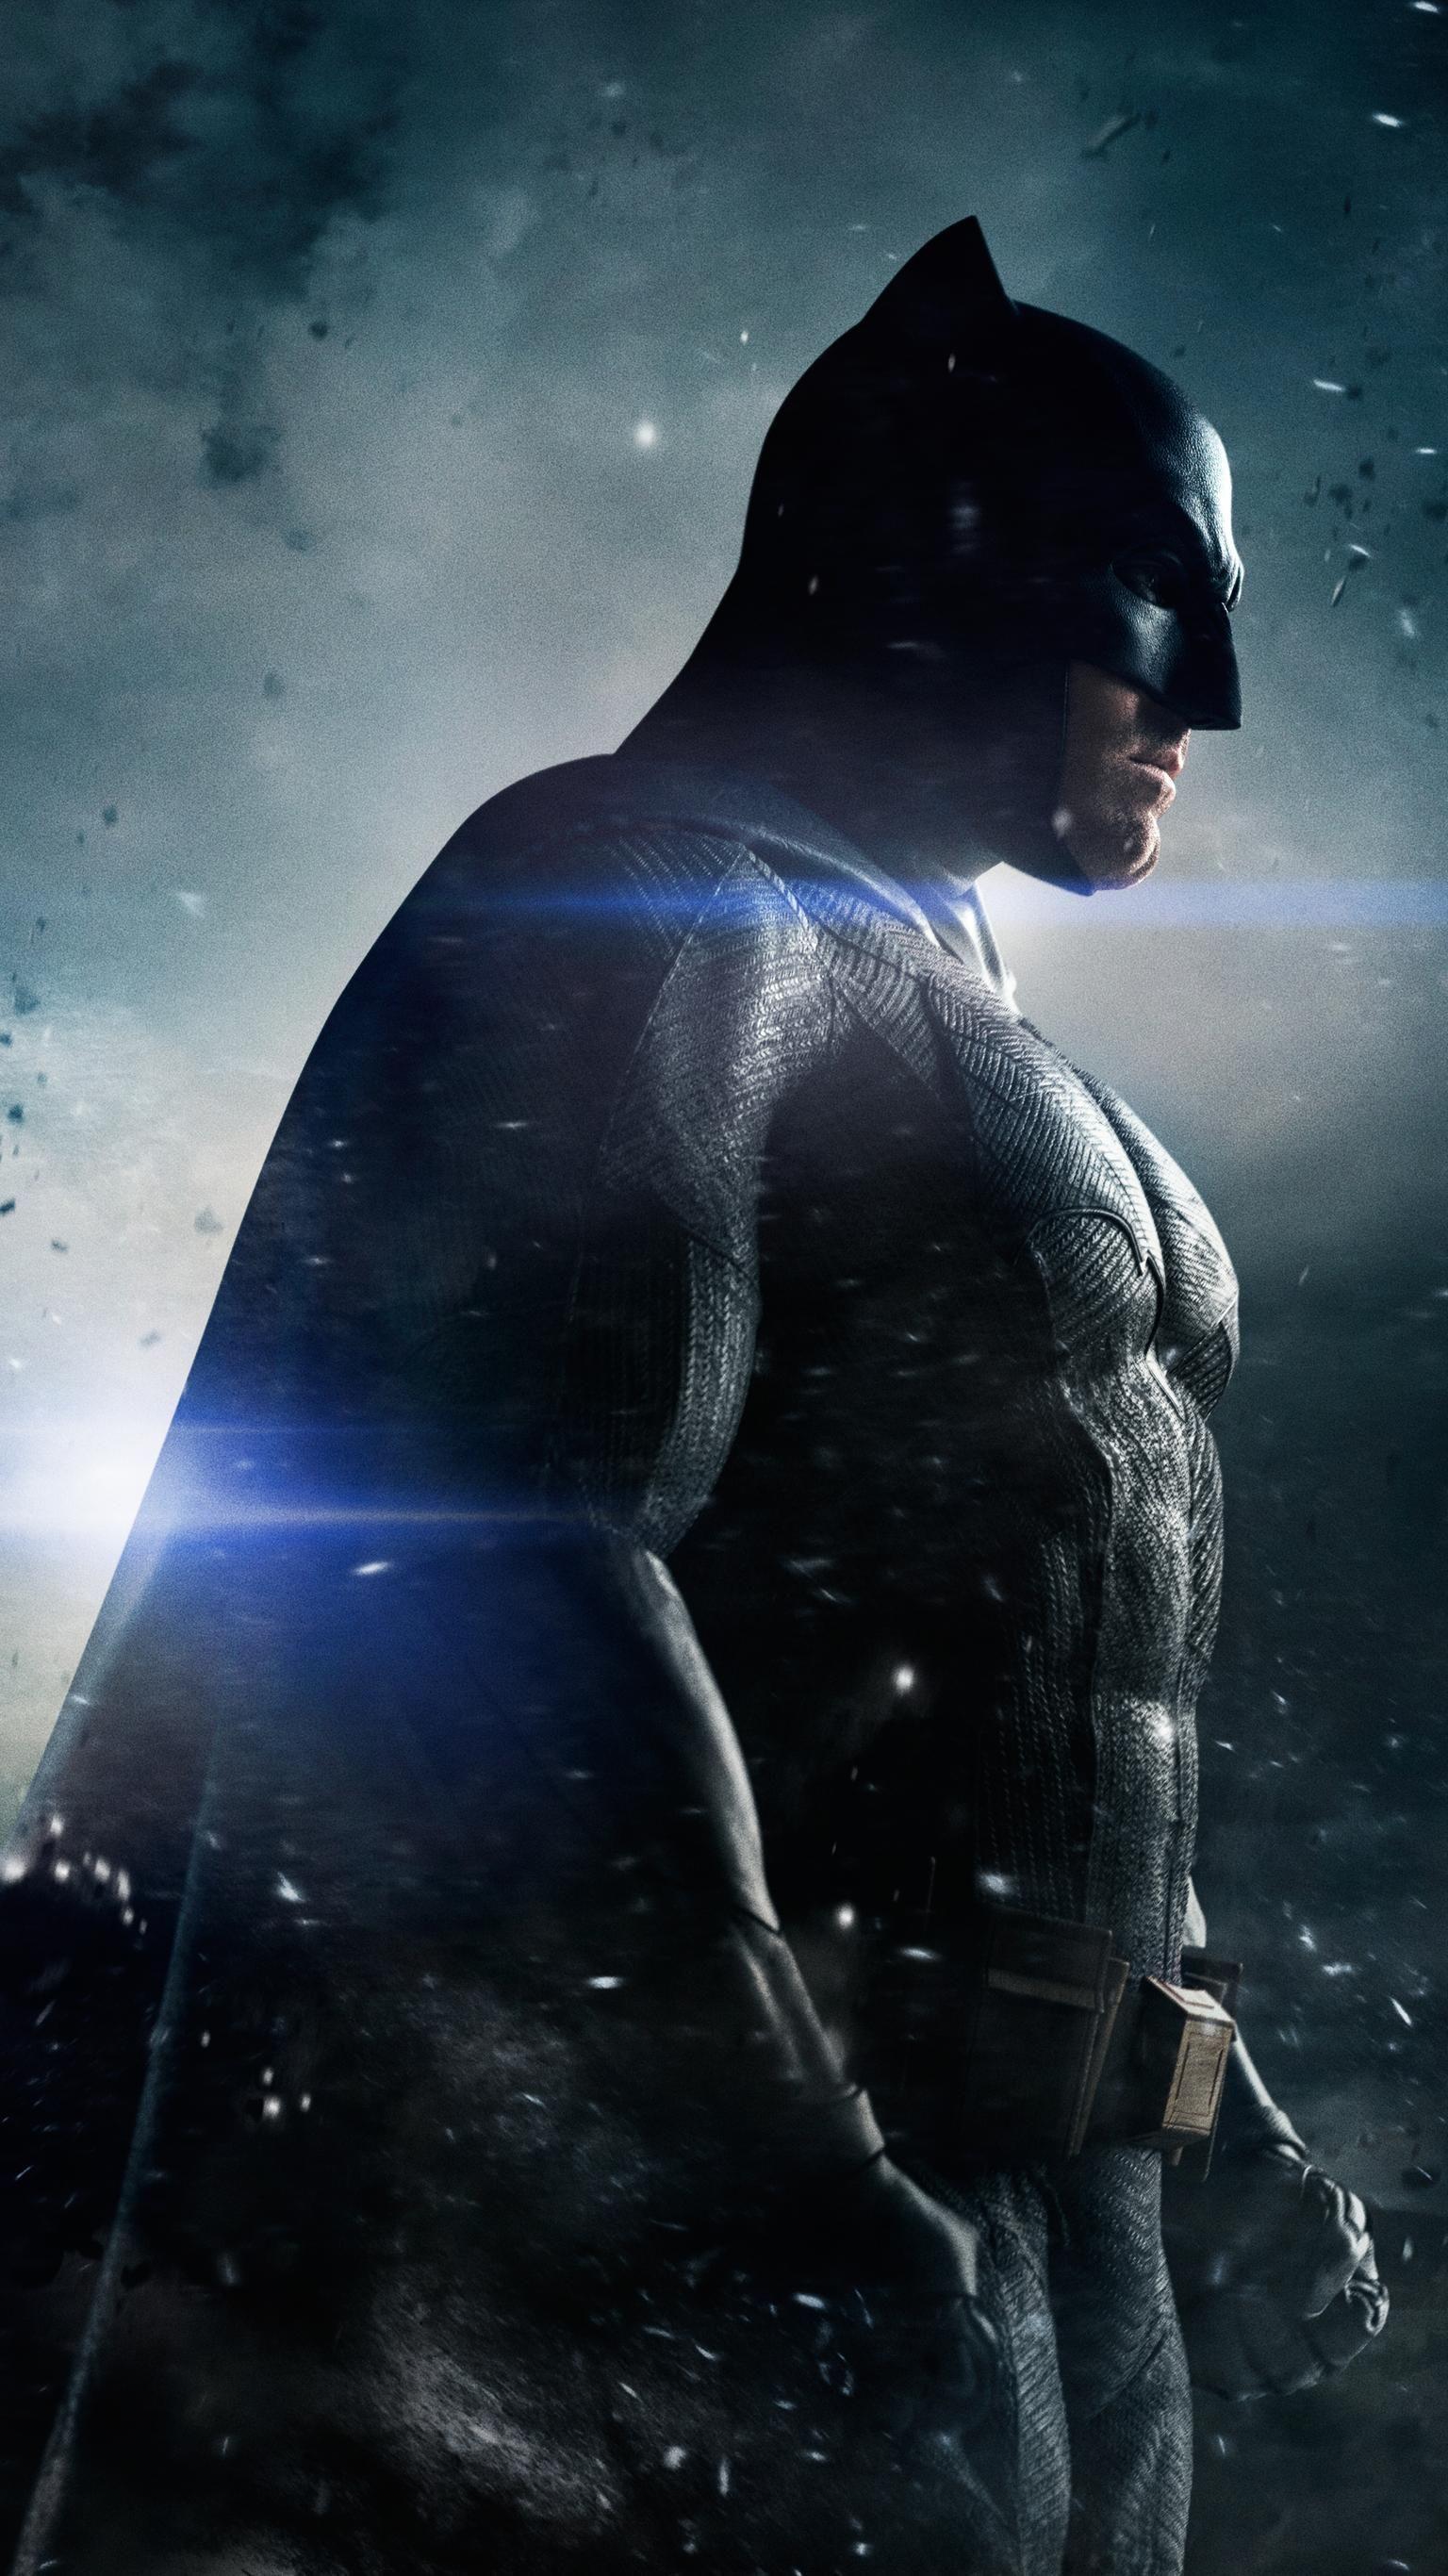 Batman V Superman Dawn Of Justice 2016 Phone Wallpaper Moviemania Batman Art Ideas Of Batman Art Batman In 2020 Batman V Superman Poster Batman Batman Poster